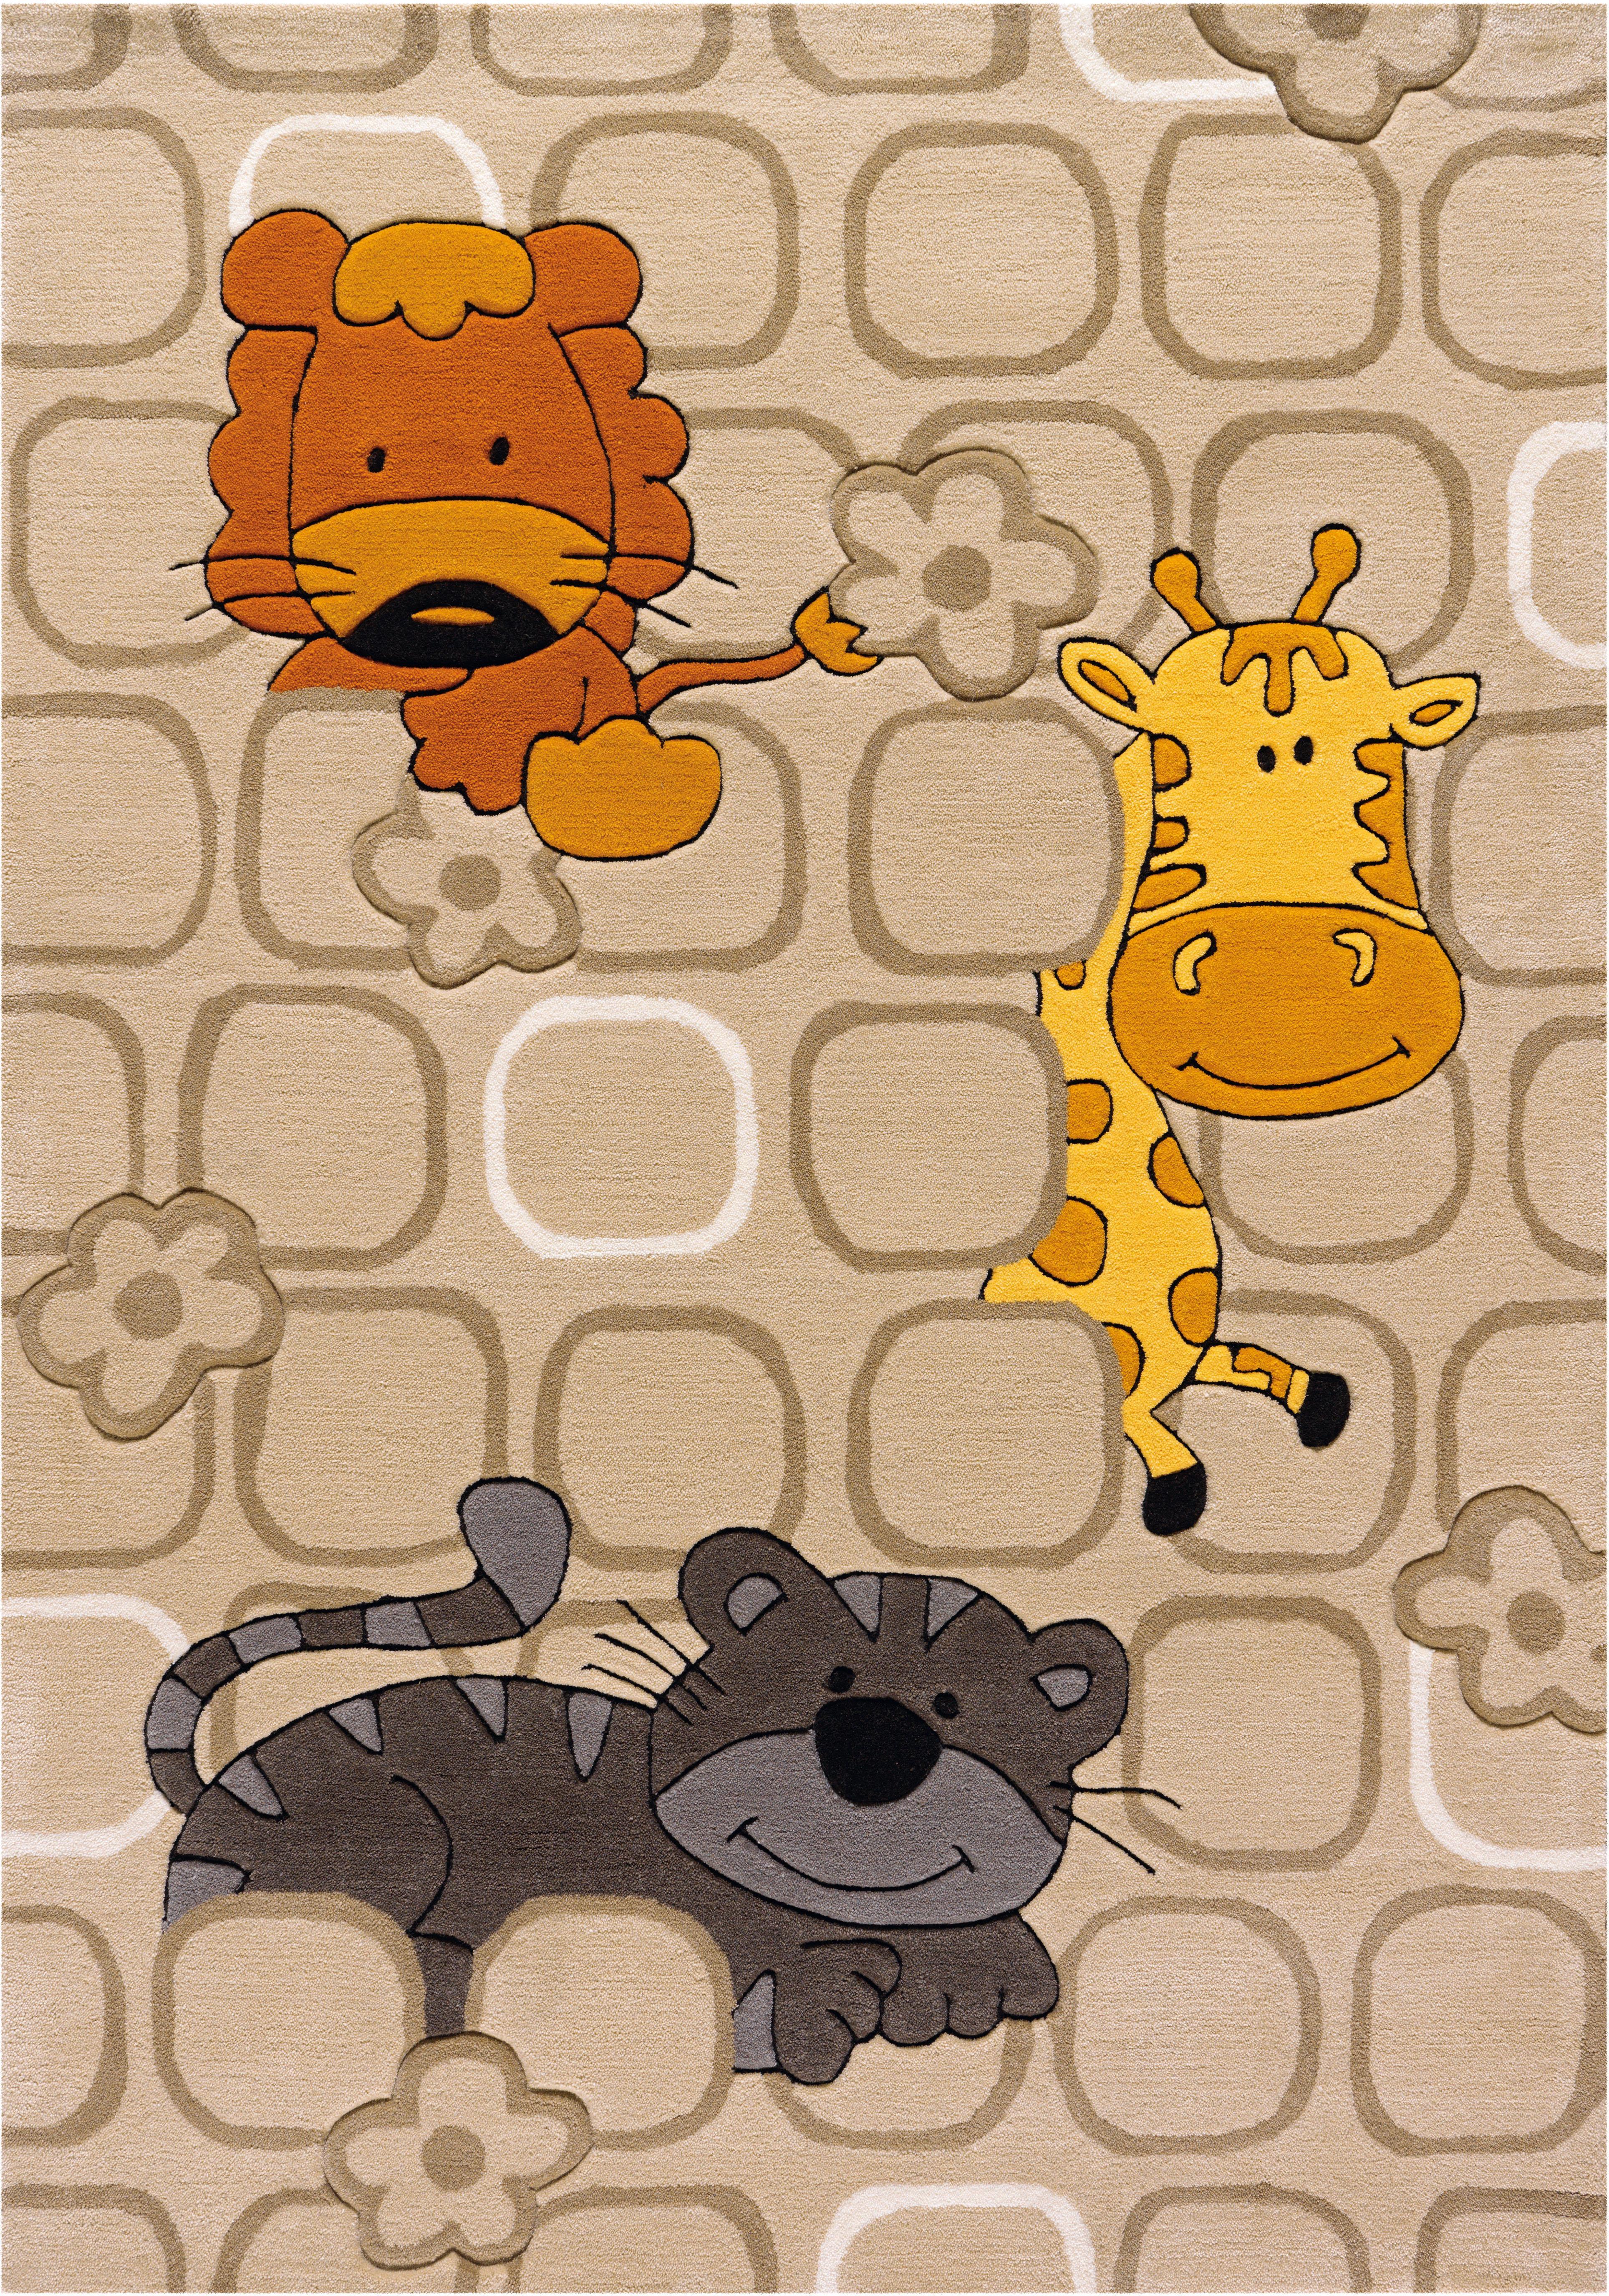 Arte Espina Kinderteppich Sam 4153, rechteckig, 11 mm Höhe, Motiv Dschungel Tiere beige Kinder Bunte Kinderteppiche Teppiche